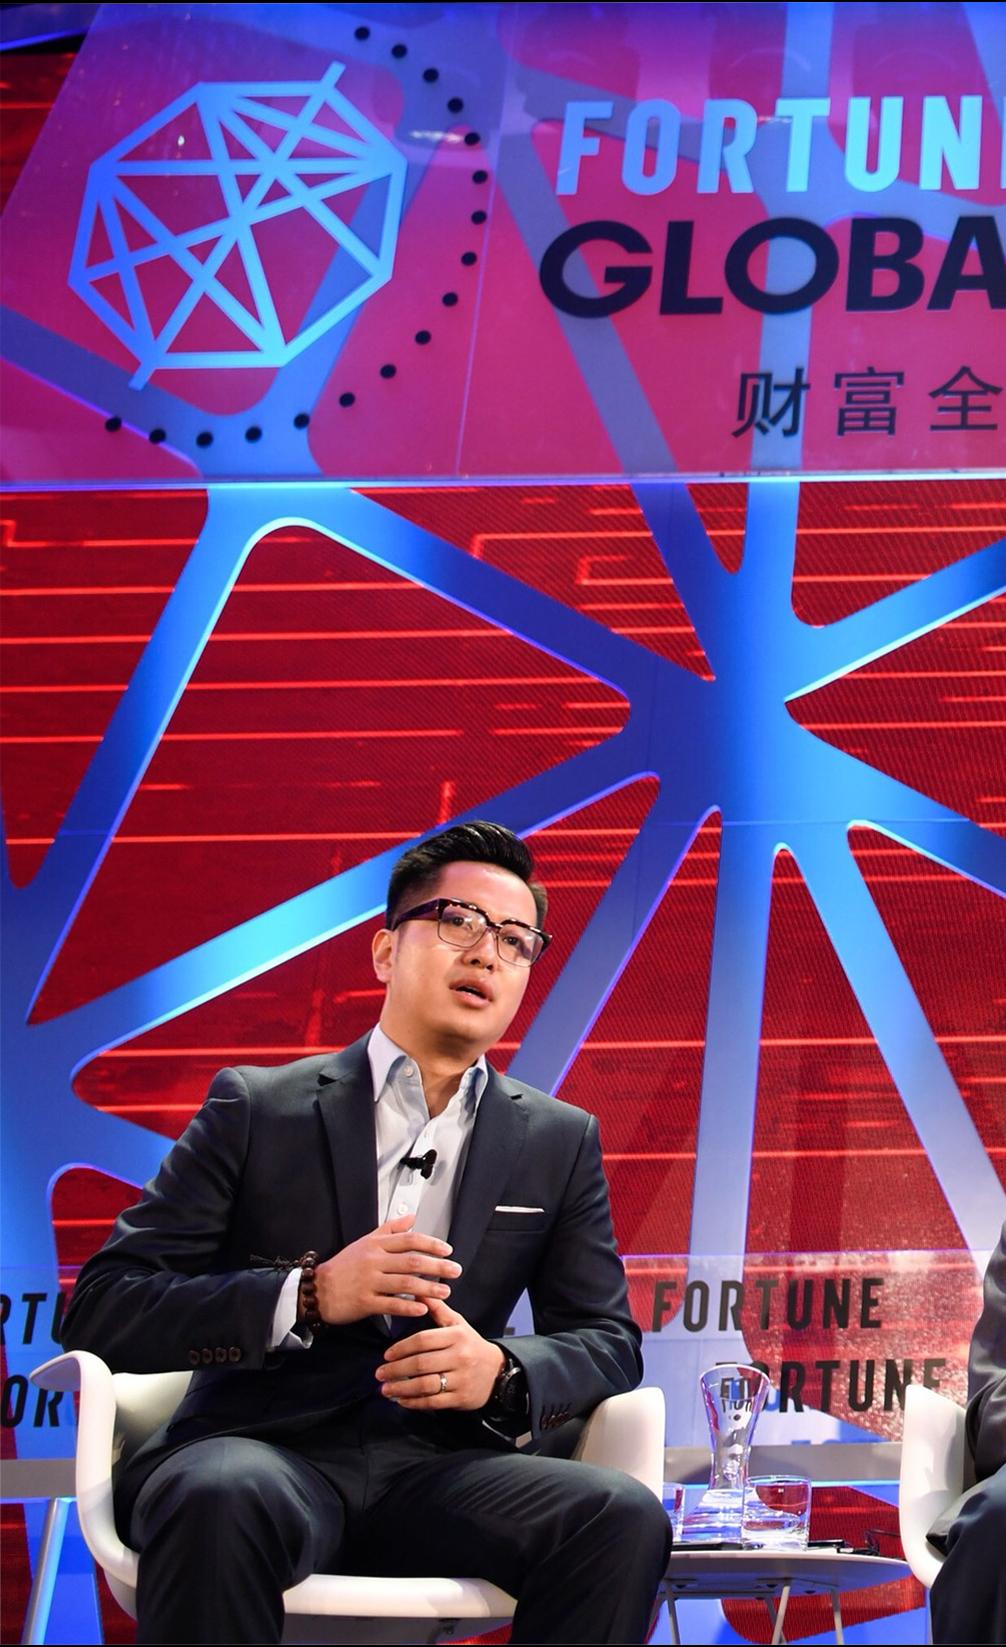 财富全球科技论坛:UnPay斩获年度创新企业大奖